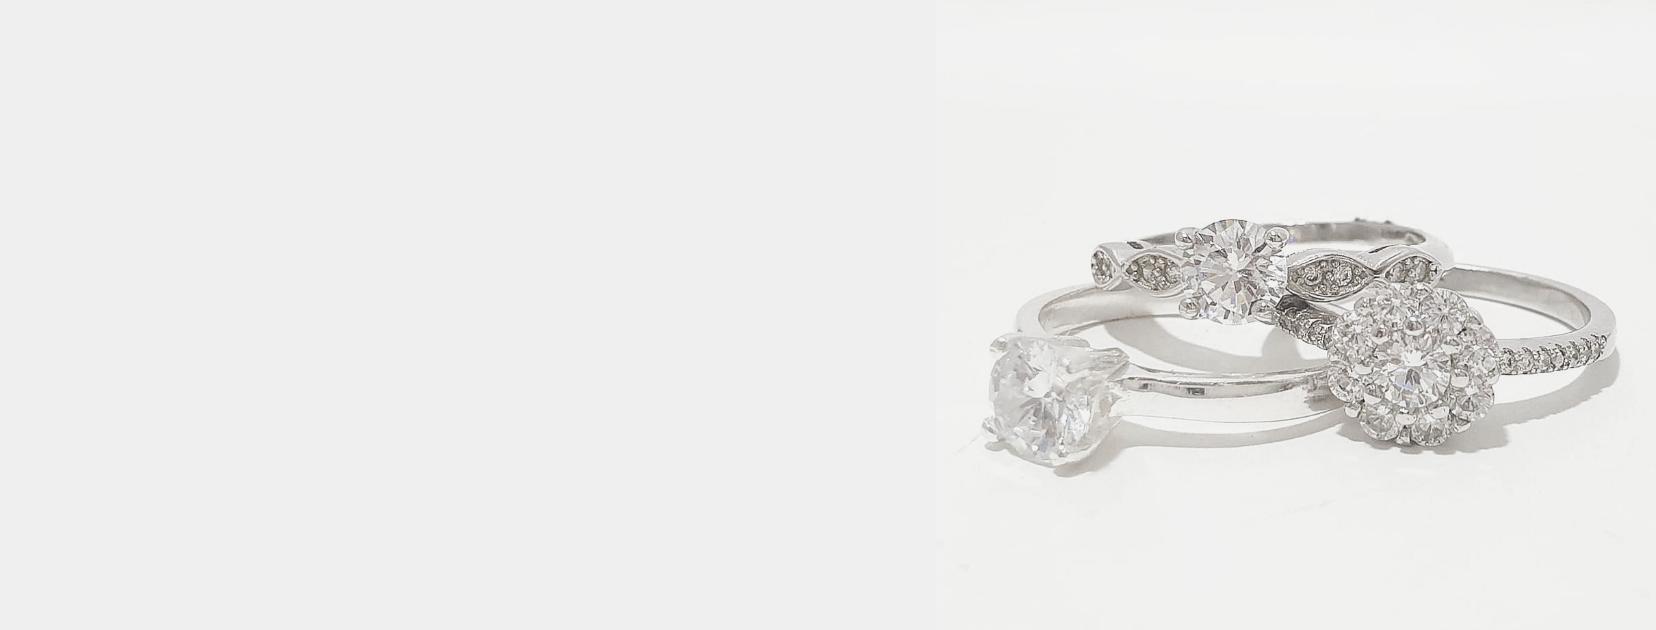 anillos plata y circonita